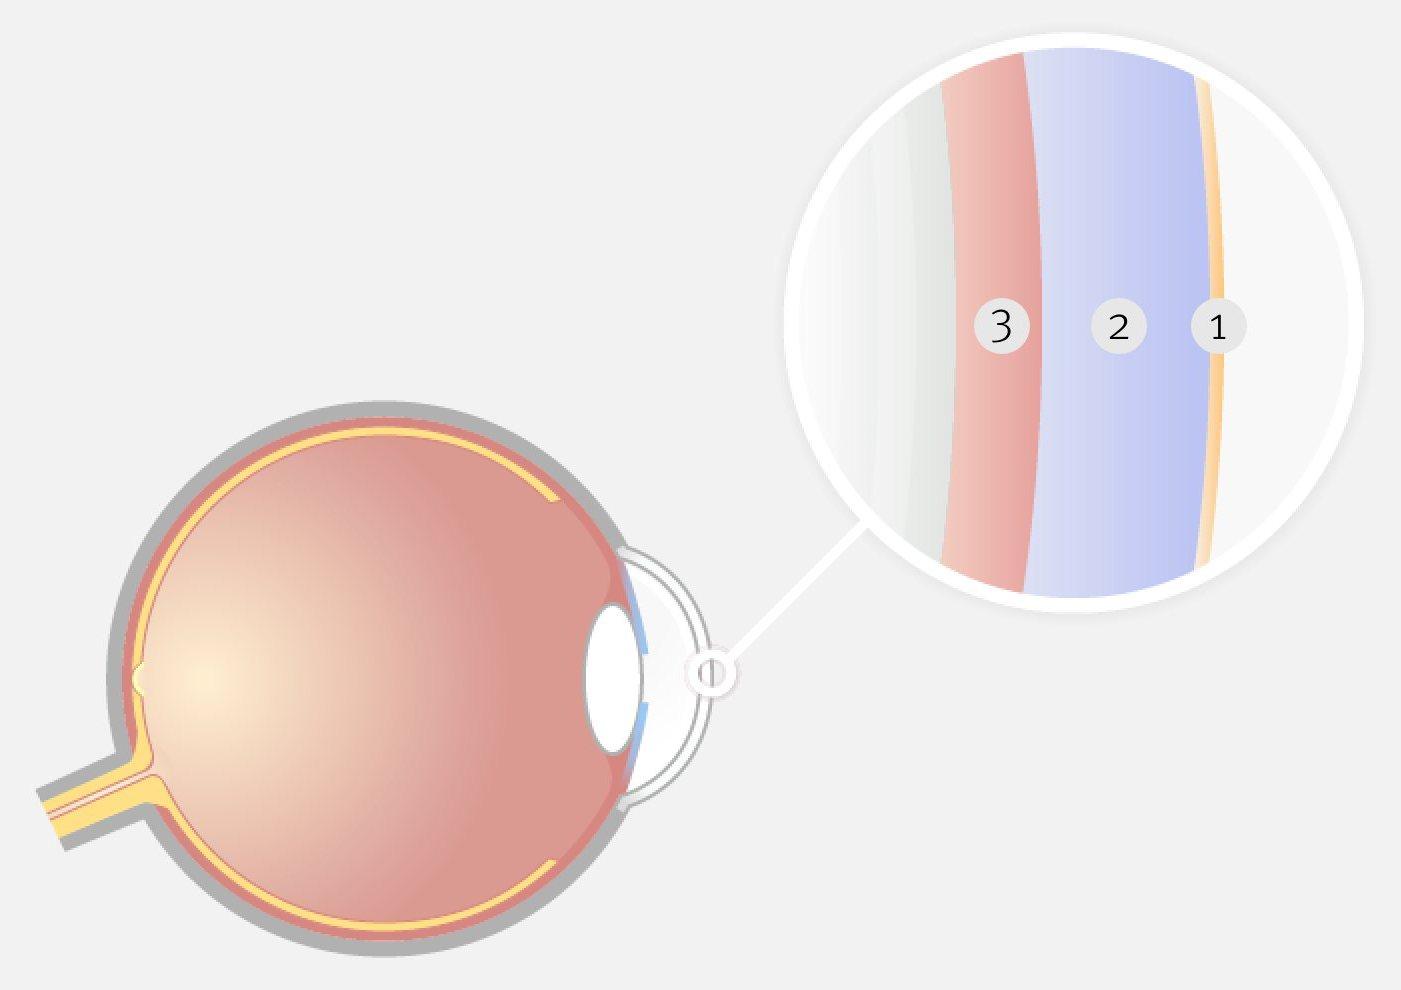 Grafische Darstellung des Auges mit einer vergrößerten Darstellung des Tränenfilms im Querschnitt.